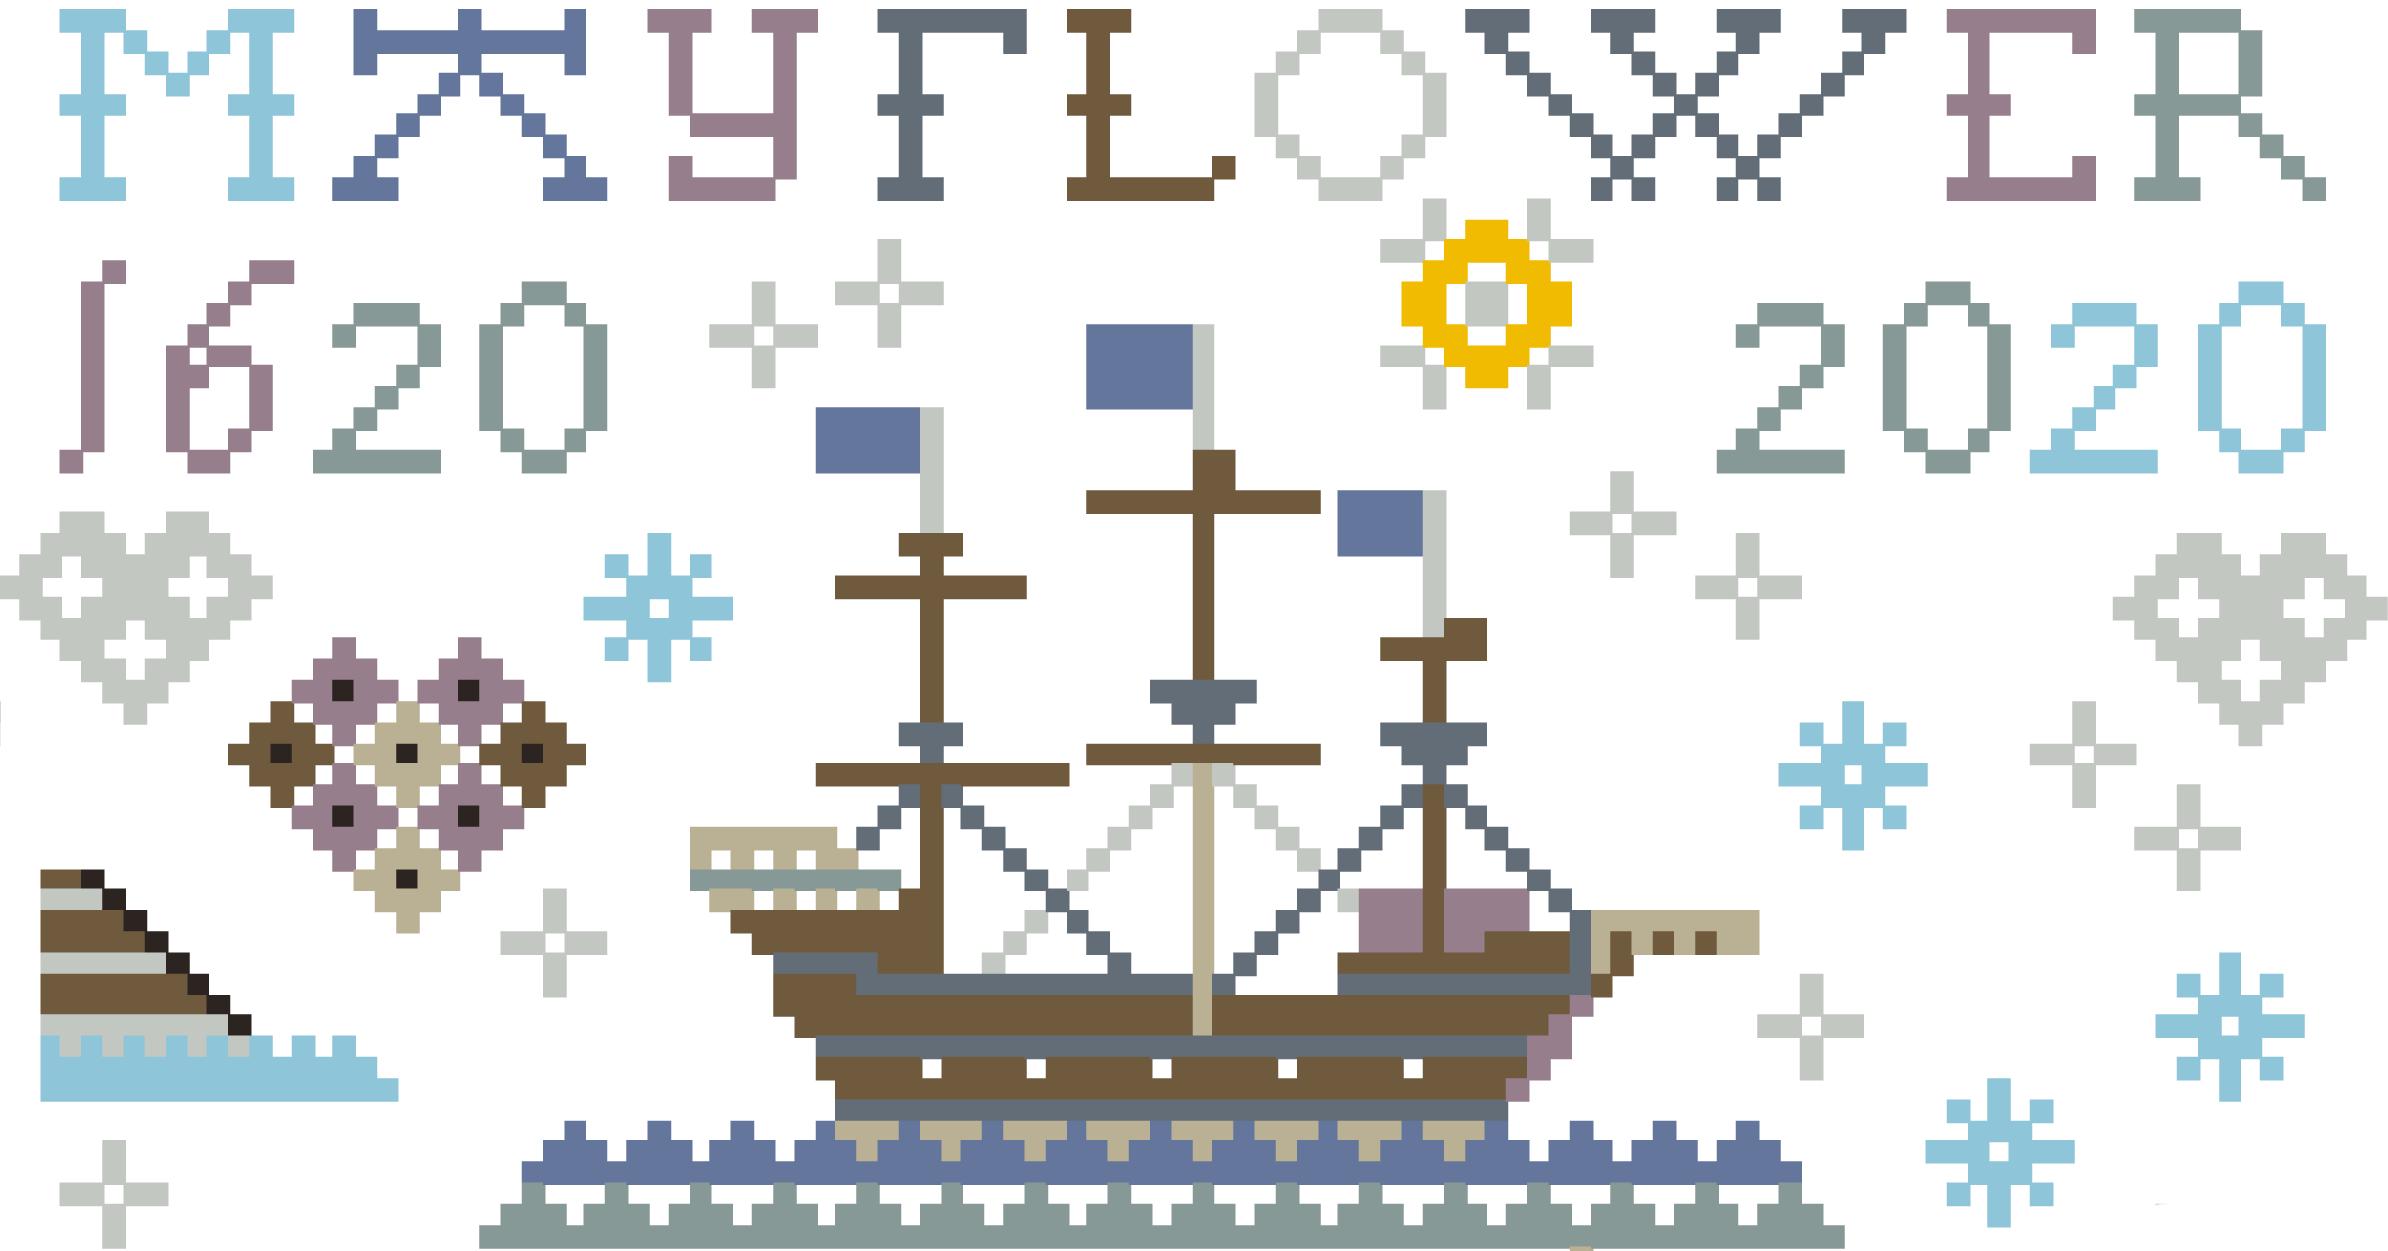 Le Mayflower, vaisseau marchand à 4 mats, transportant 102 passagers et l'équipage